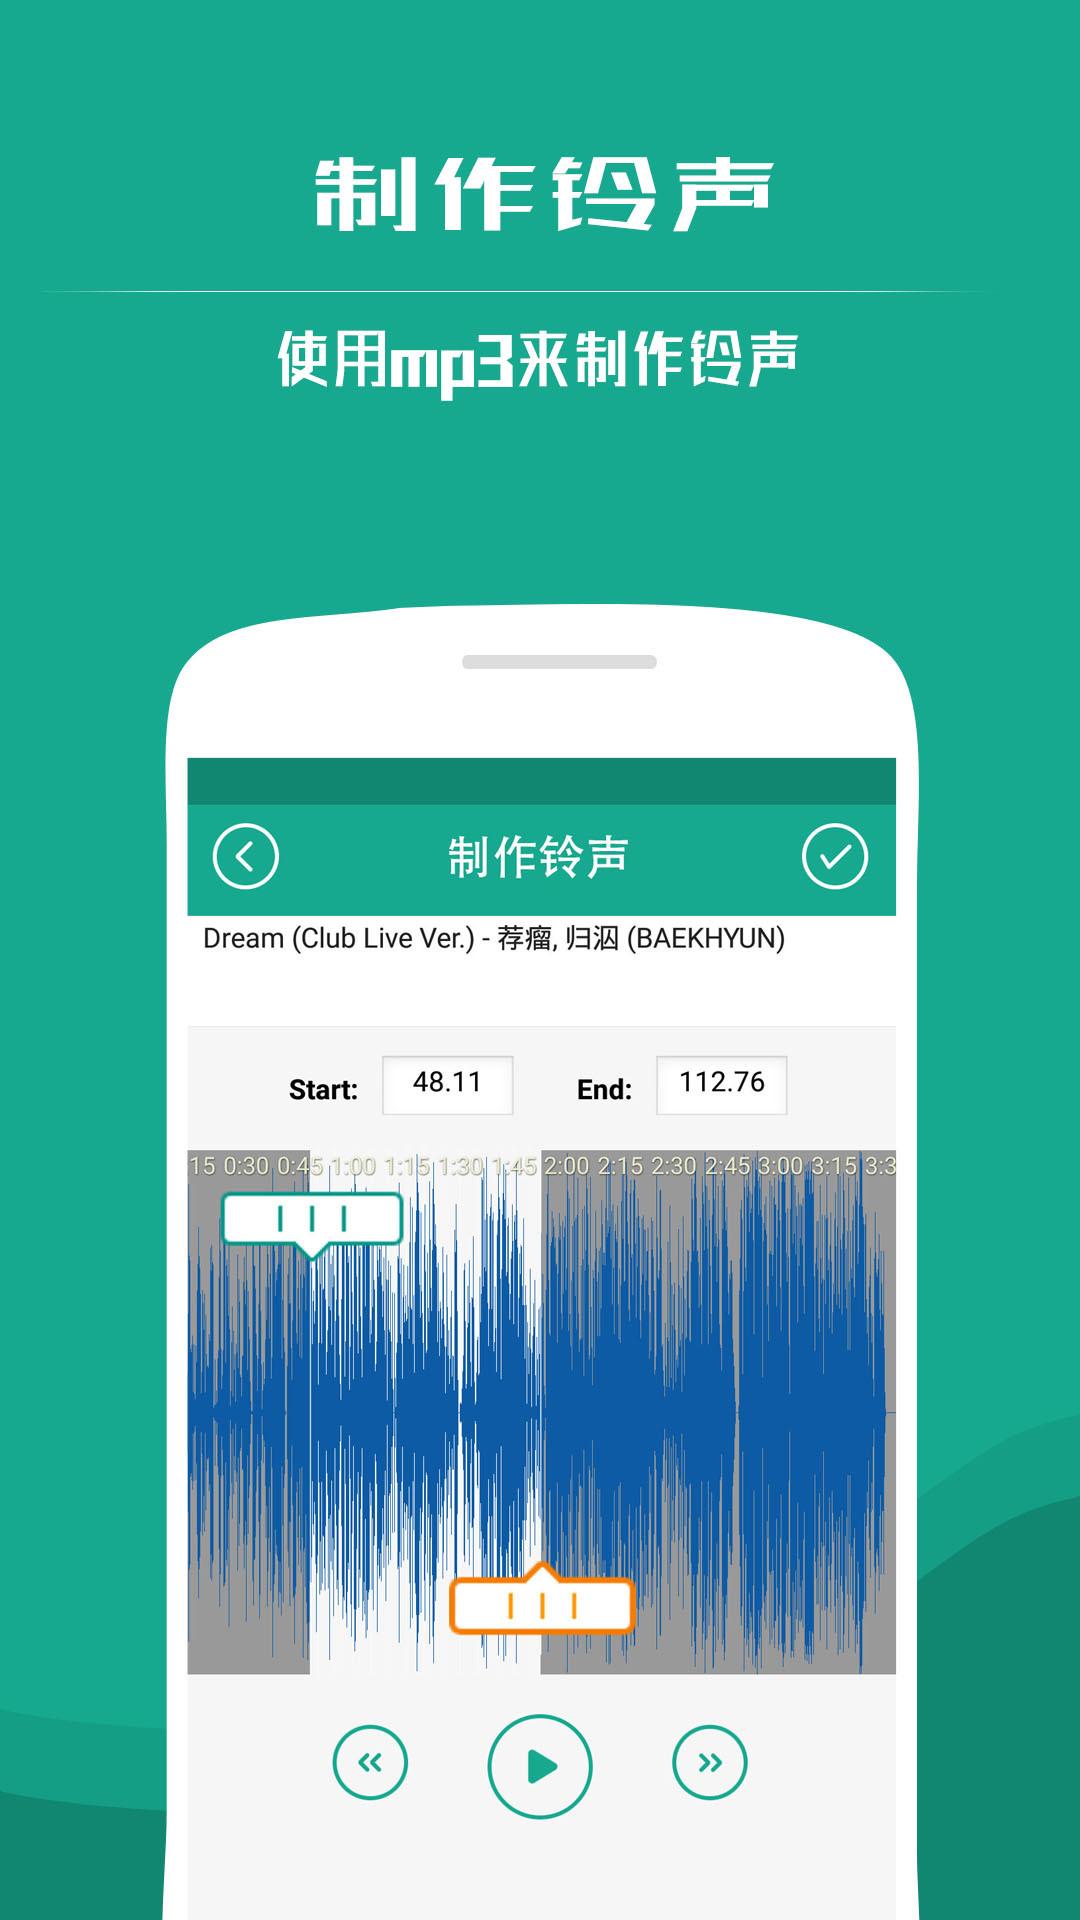 微信铃声大全,使用微信专用铃声来设置微信铃声,使用流行语来设置基本短信铃,使用韩国明星铃声来设置微信提醒铃及短信铃,更新的格言或名言可以与朋友共享。   当有微信来时可以设置多样的自动回复功能, 有趣且多样的图片可以在微信聊天中使用,使用mp3来制作铃声,可以把自己的声音录下来制作成铃声或短信铃。